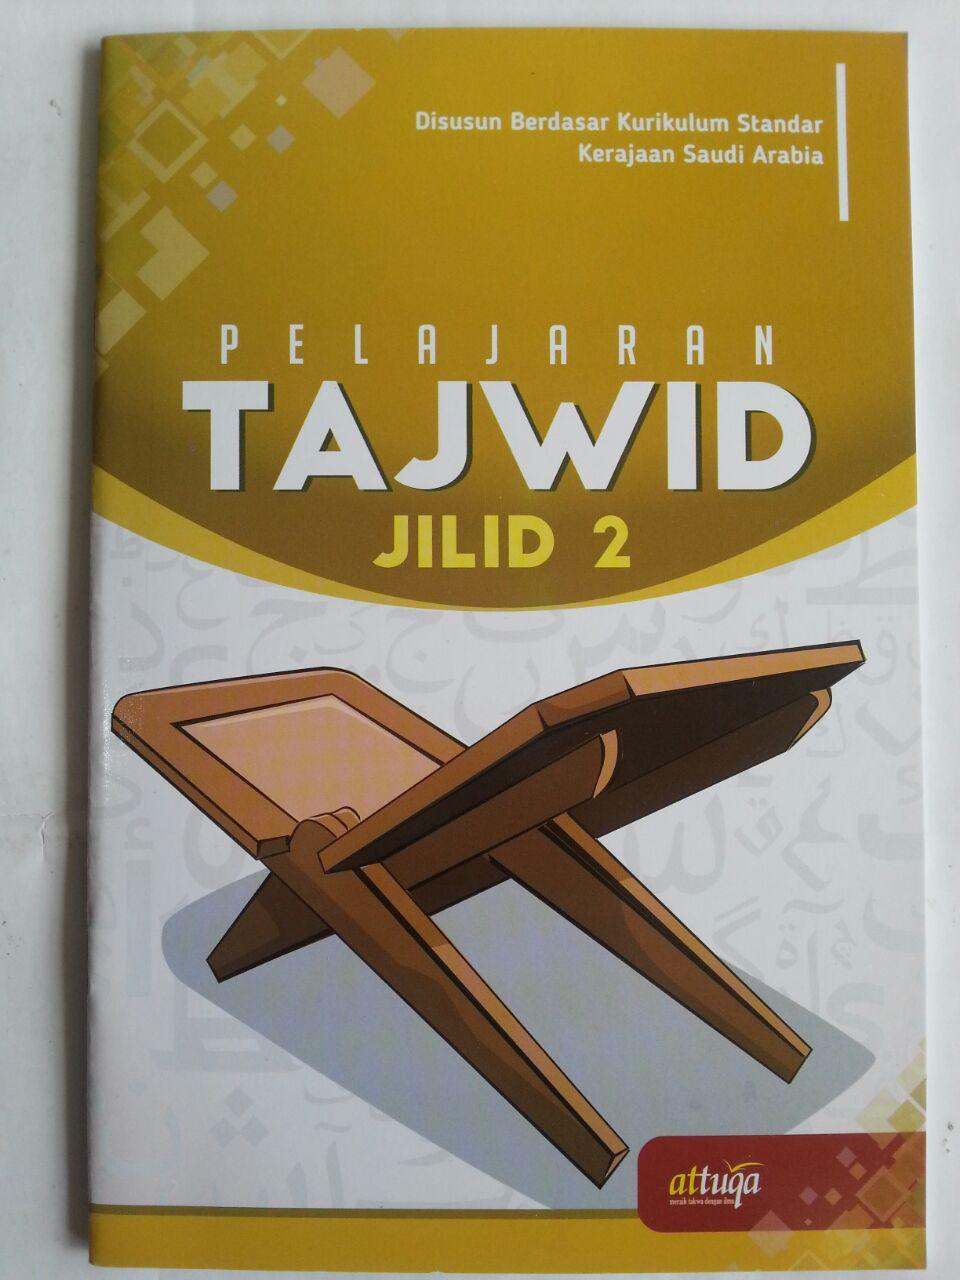 Buku Pelajaran Tajwid Berdasar Kurikulum Saudi Arabia Jilid 2 cover 2